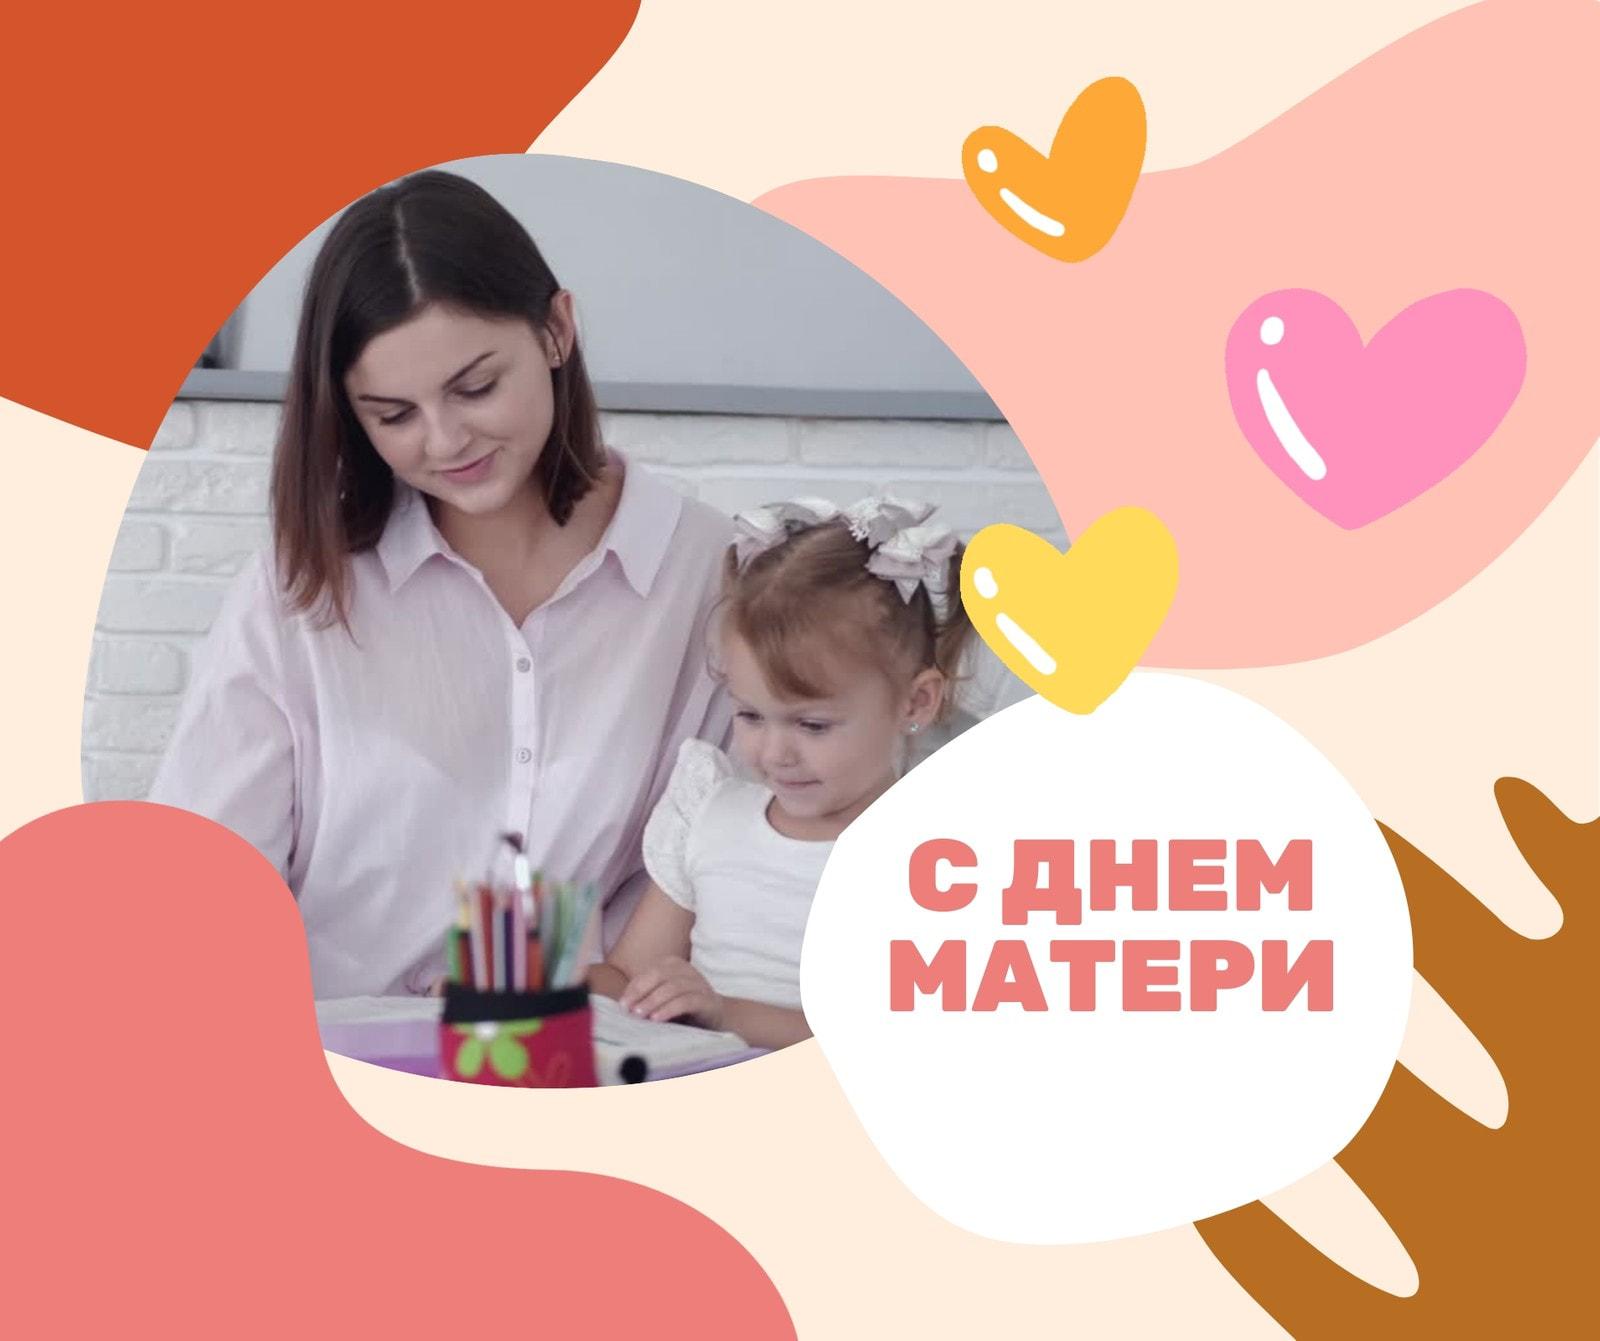 Разноцветные Шары Анимационная День Матери Facebook Публикация